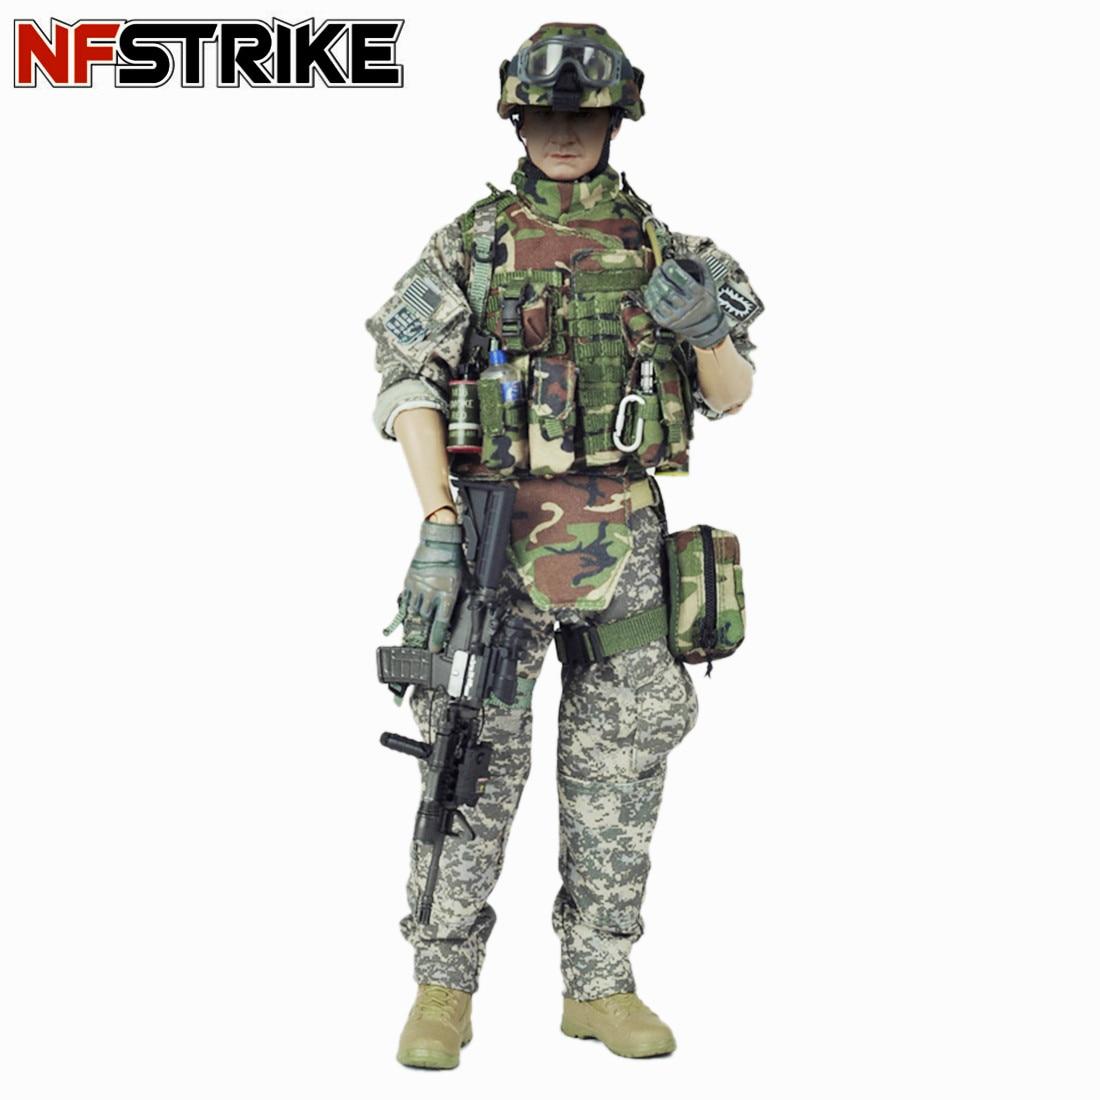 Veryhot 군인 모델 정장 미국 육군 eod 유니폼 장비 1/6 12 인치 군인 모델 액션 피규어 장난감 2019 새로운 도착-에서액션 & 장난감 숫자부터 완구 & 취미 의  그룹 1